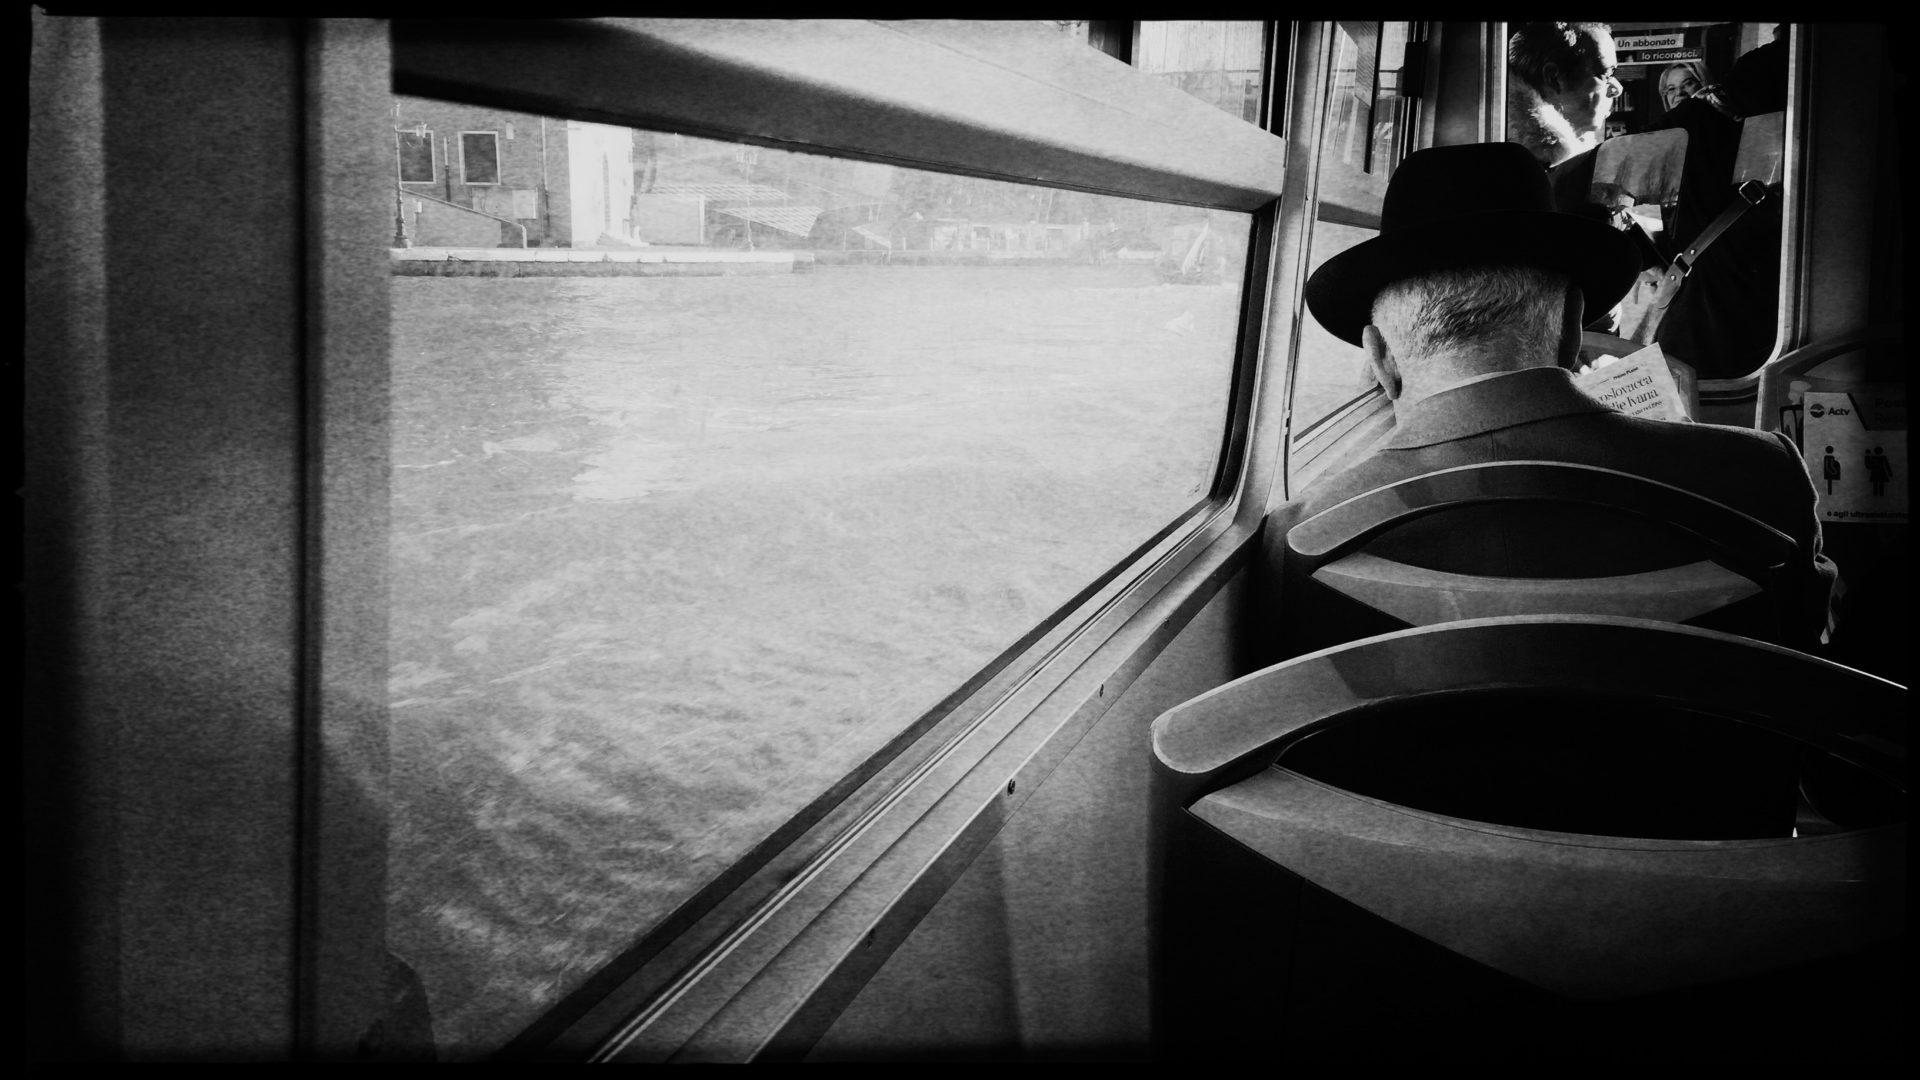 Mann mit Hut liest Tageszeitung im Vaporetto von Venedig